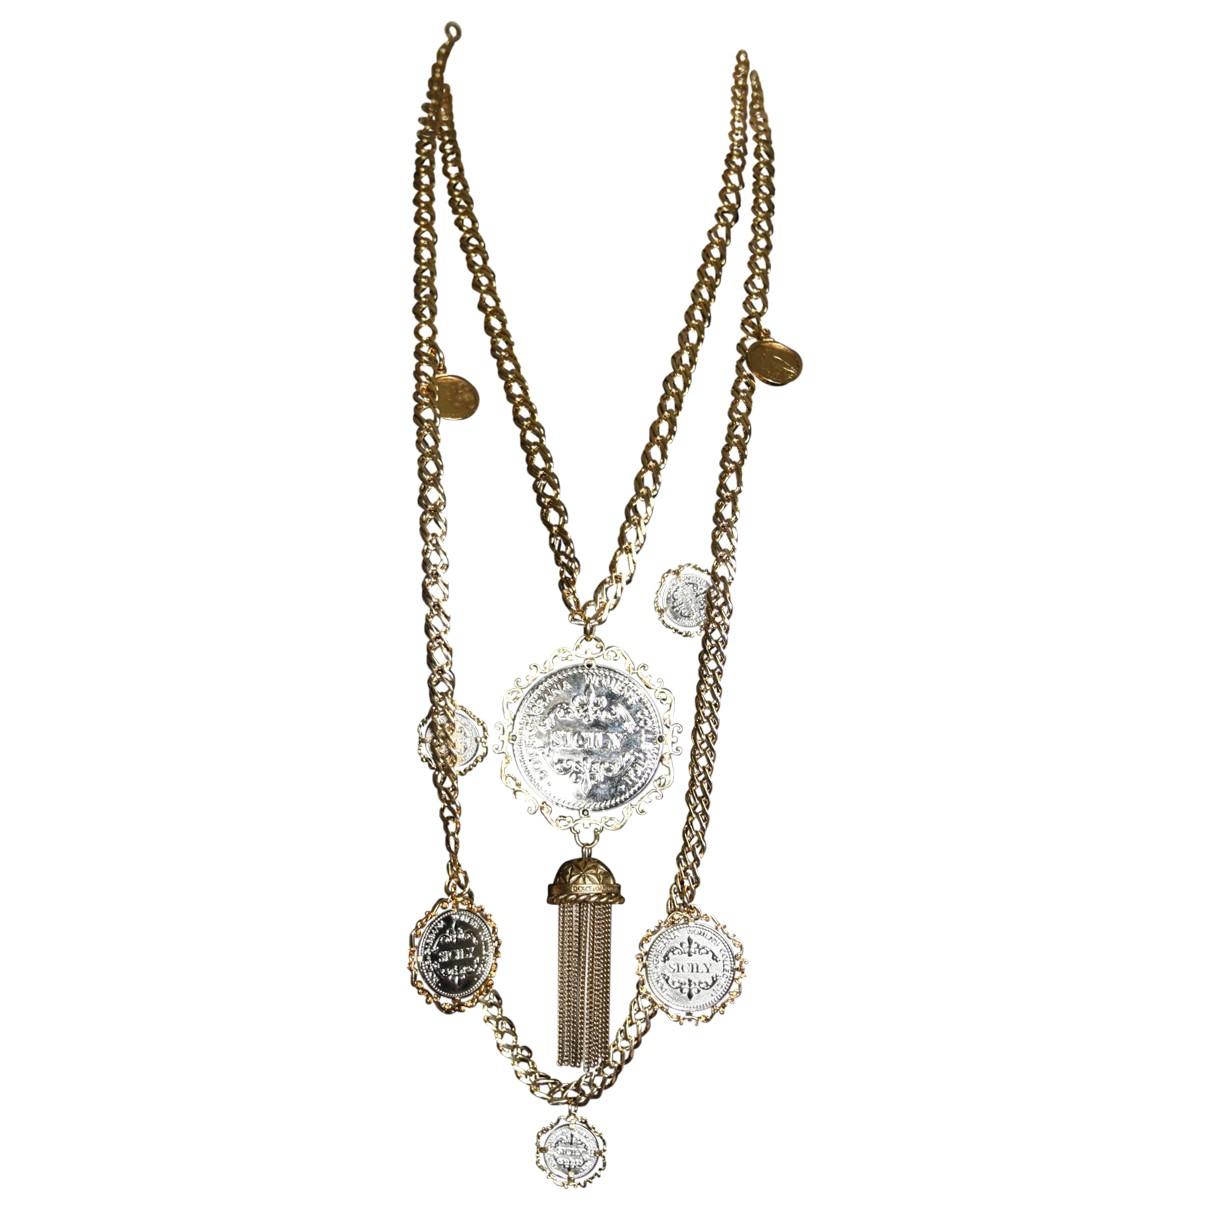 Dolce & Gabbana \N Kette in  Gold Vergoldet